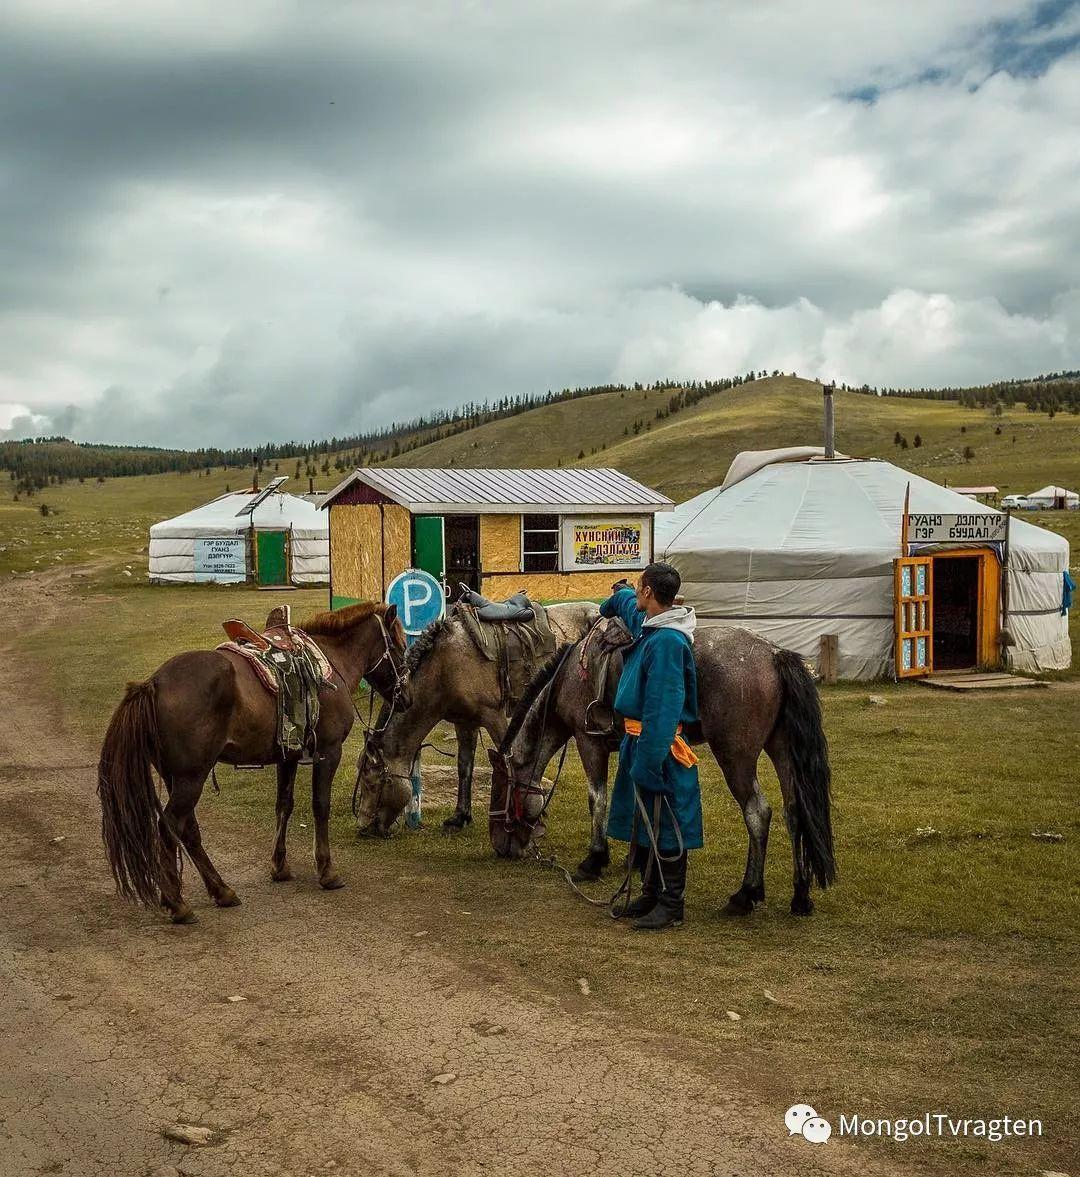 蒙古影像-- Henne Metz 第12张 蒙古影像-- Henne Metz 蒙古文化